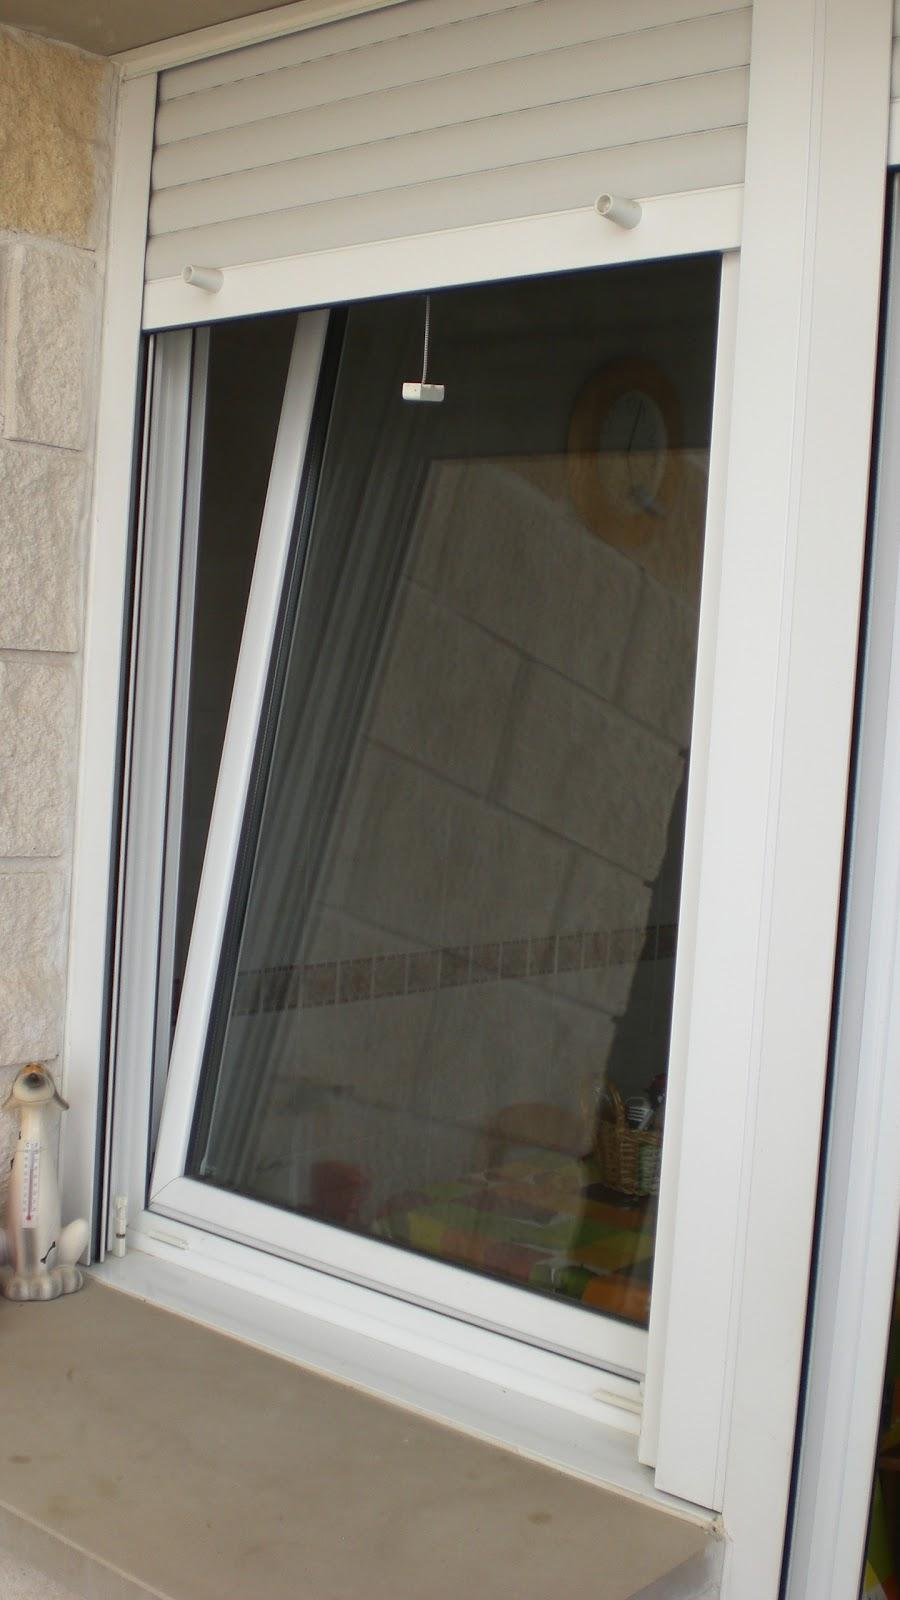 Cuaderno del bombero apertura de ventanas oscilobatientes for Puerta oscilobatiente